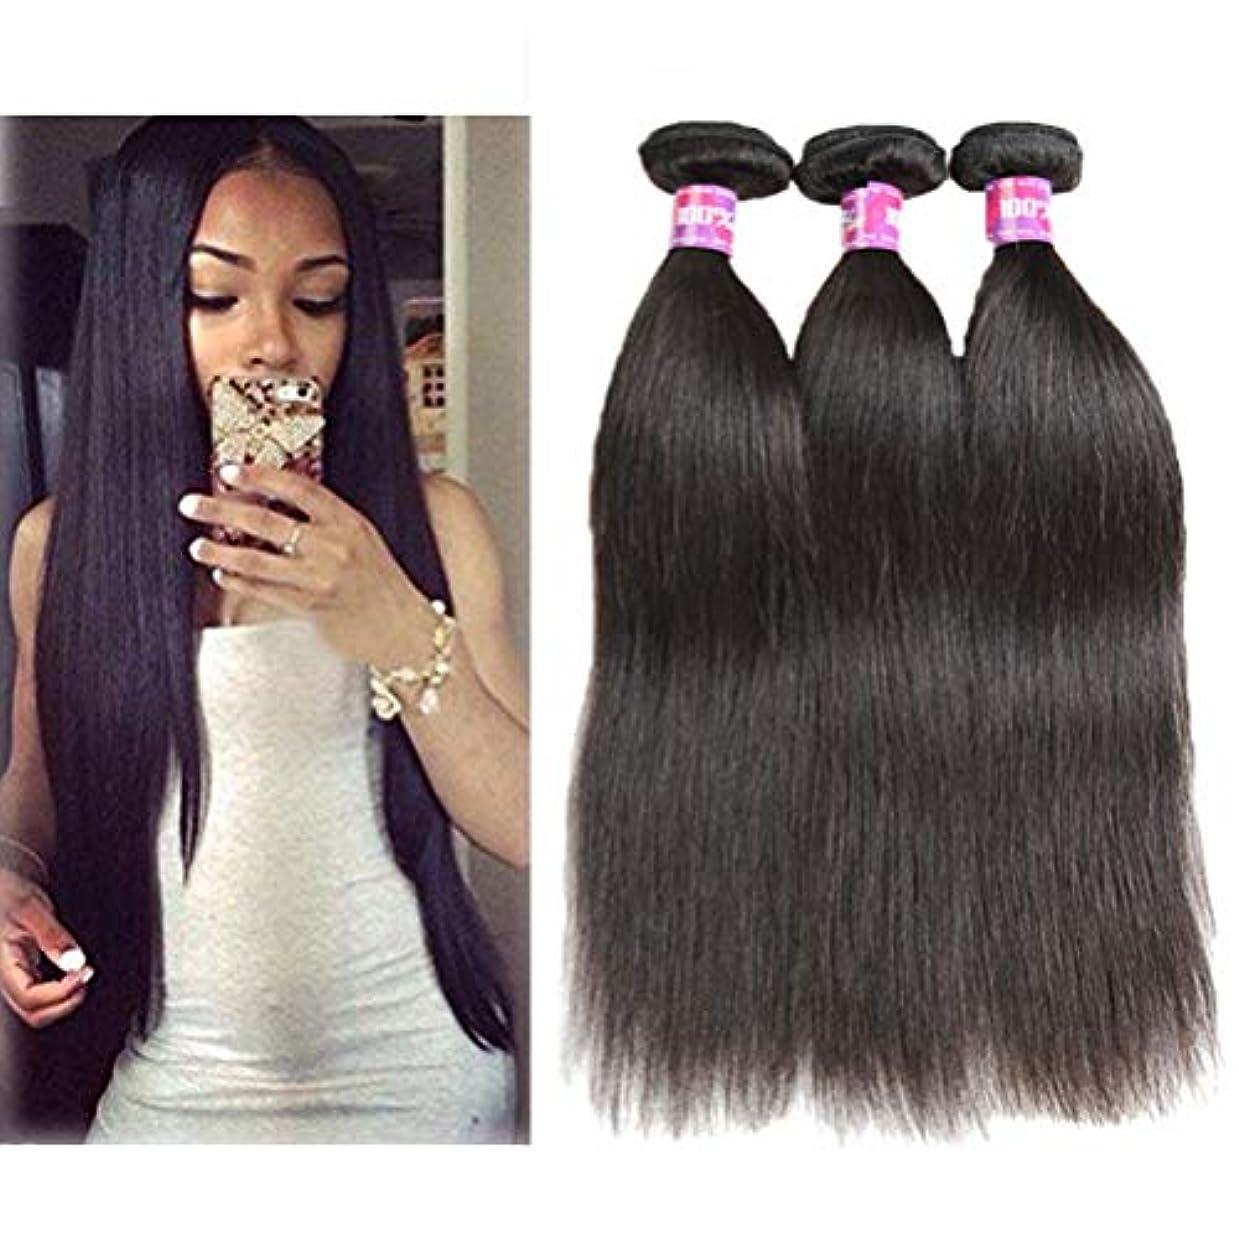 活性化する地下室協定女性の髪織りブラジルの髪1バンドルストレートヘア100%未処理のブラジルのバージンストレート人間の髪